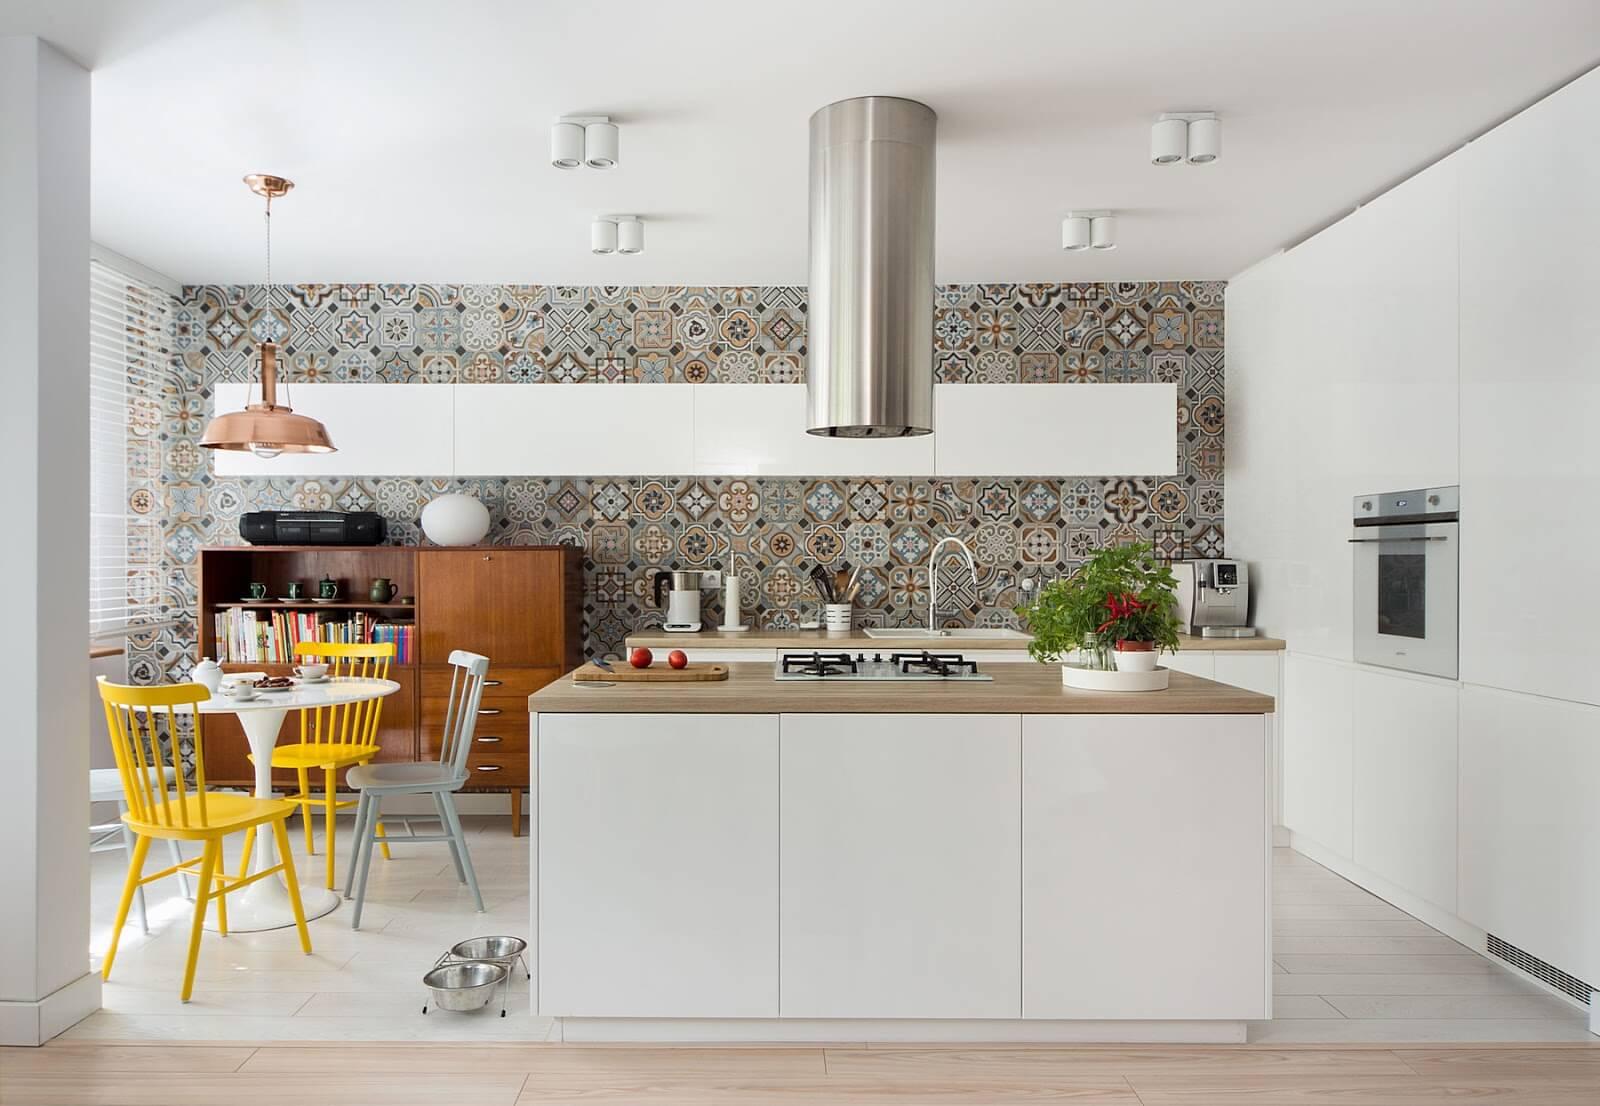 cozinha com Decoração retro - estilo de decoração para quem gosta do estilo retro decor